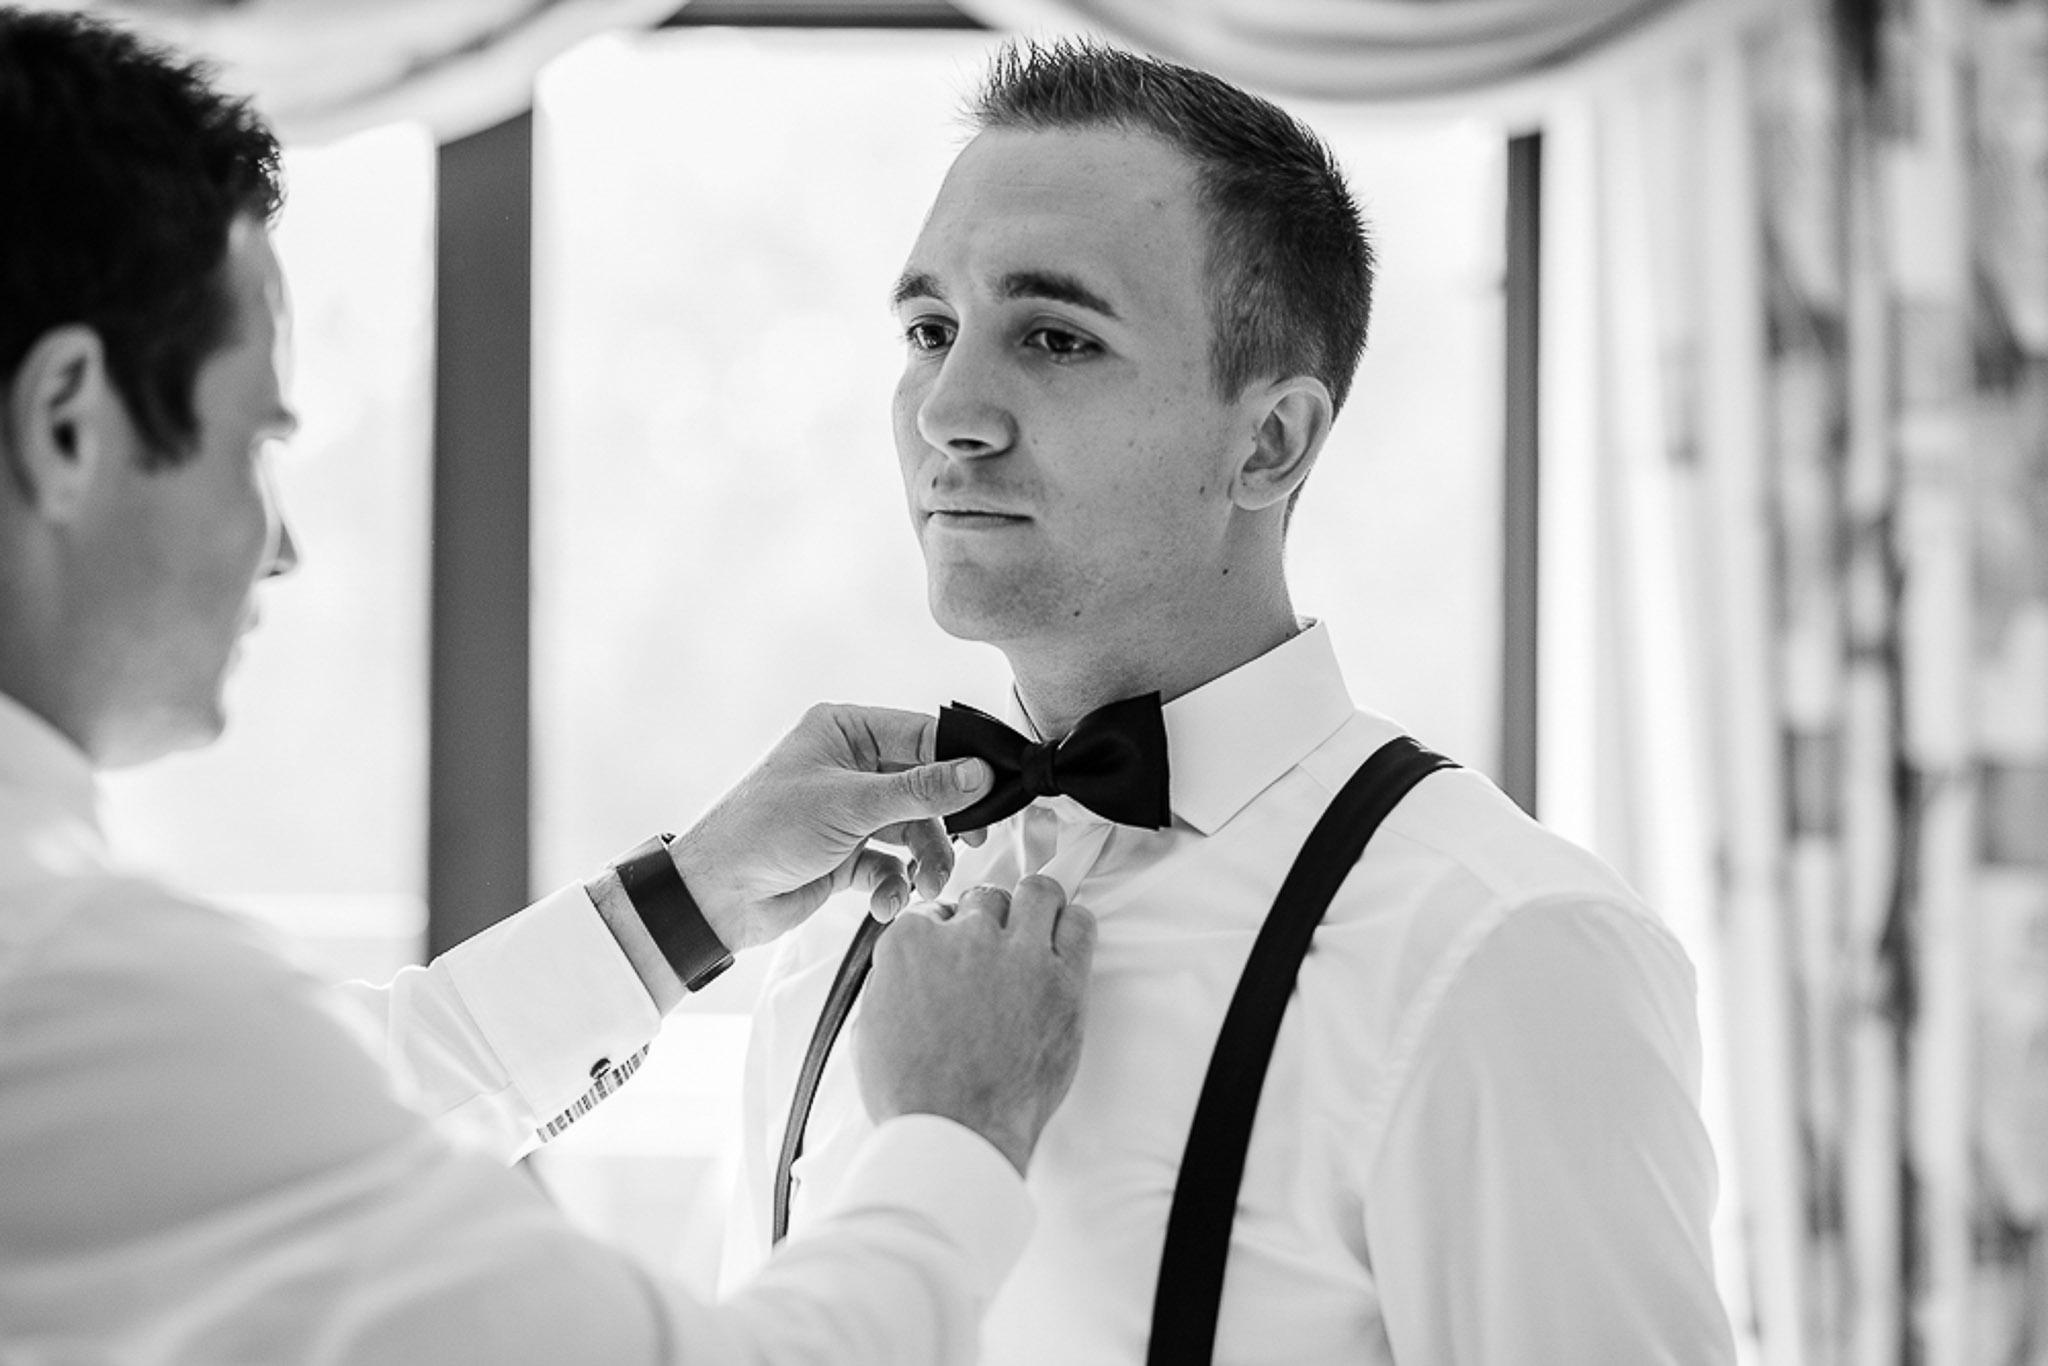 Annika_und_Gabriel_Fotografie_Hochzeitsfotografie_Saarland_Fotografen_Hochzeitsfotograf_2017 (40 von 228)